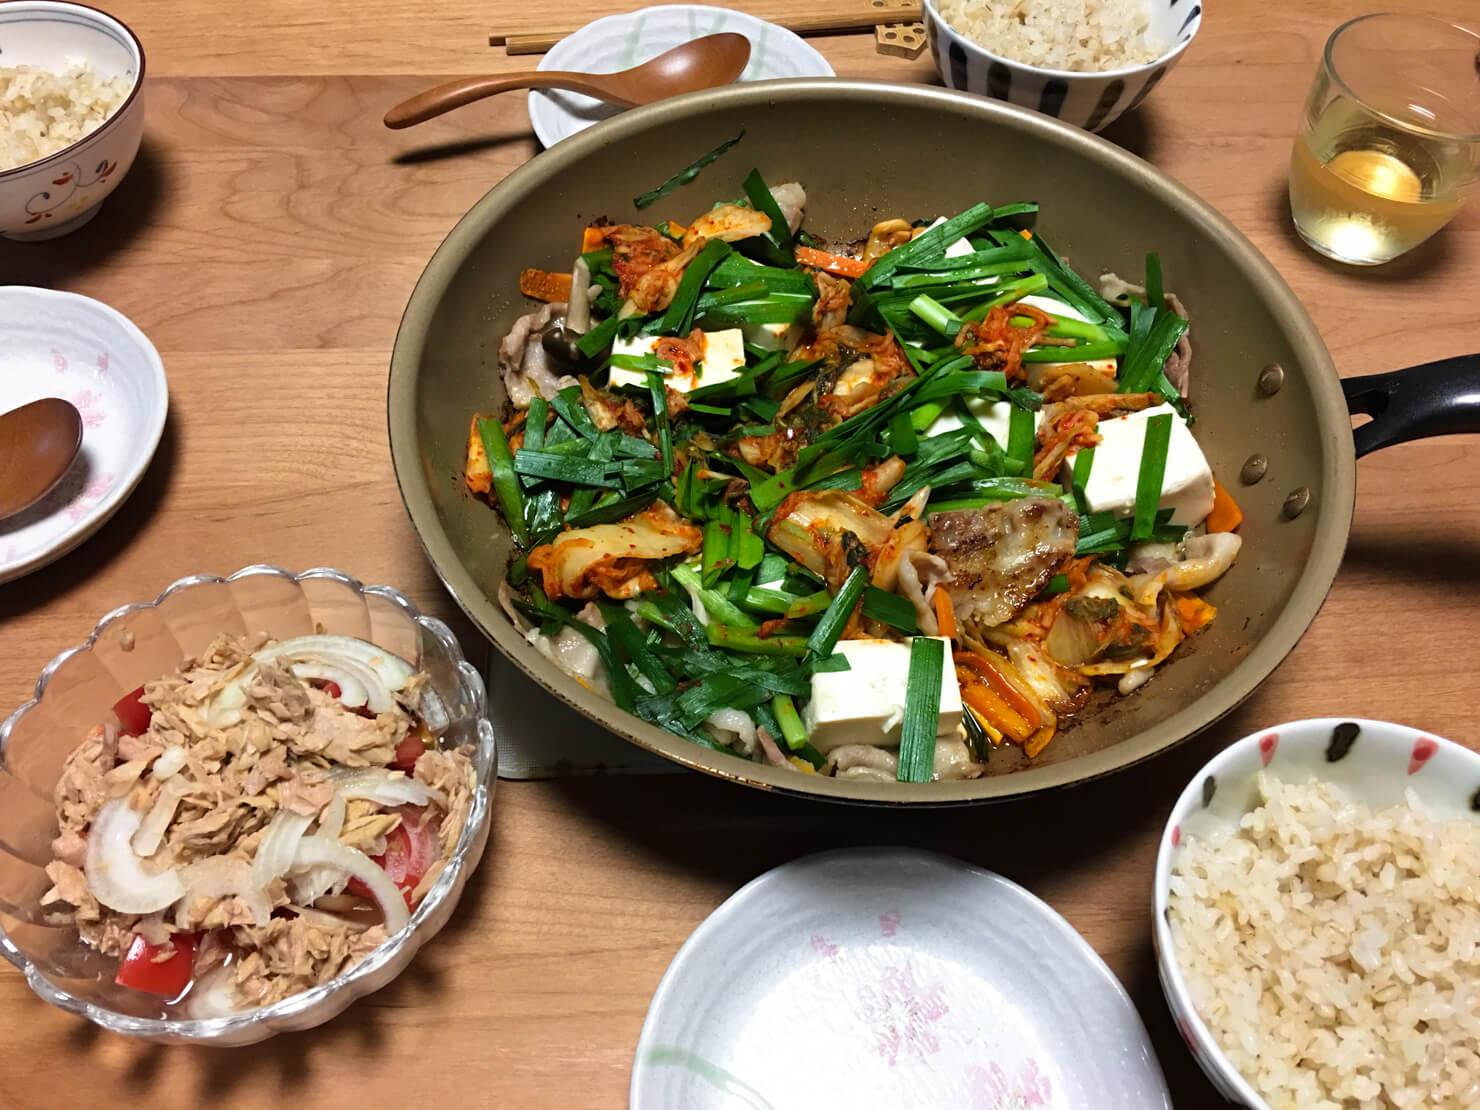 豚バラキムチにら豆腐焼き中心の晩御飯の写真